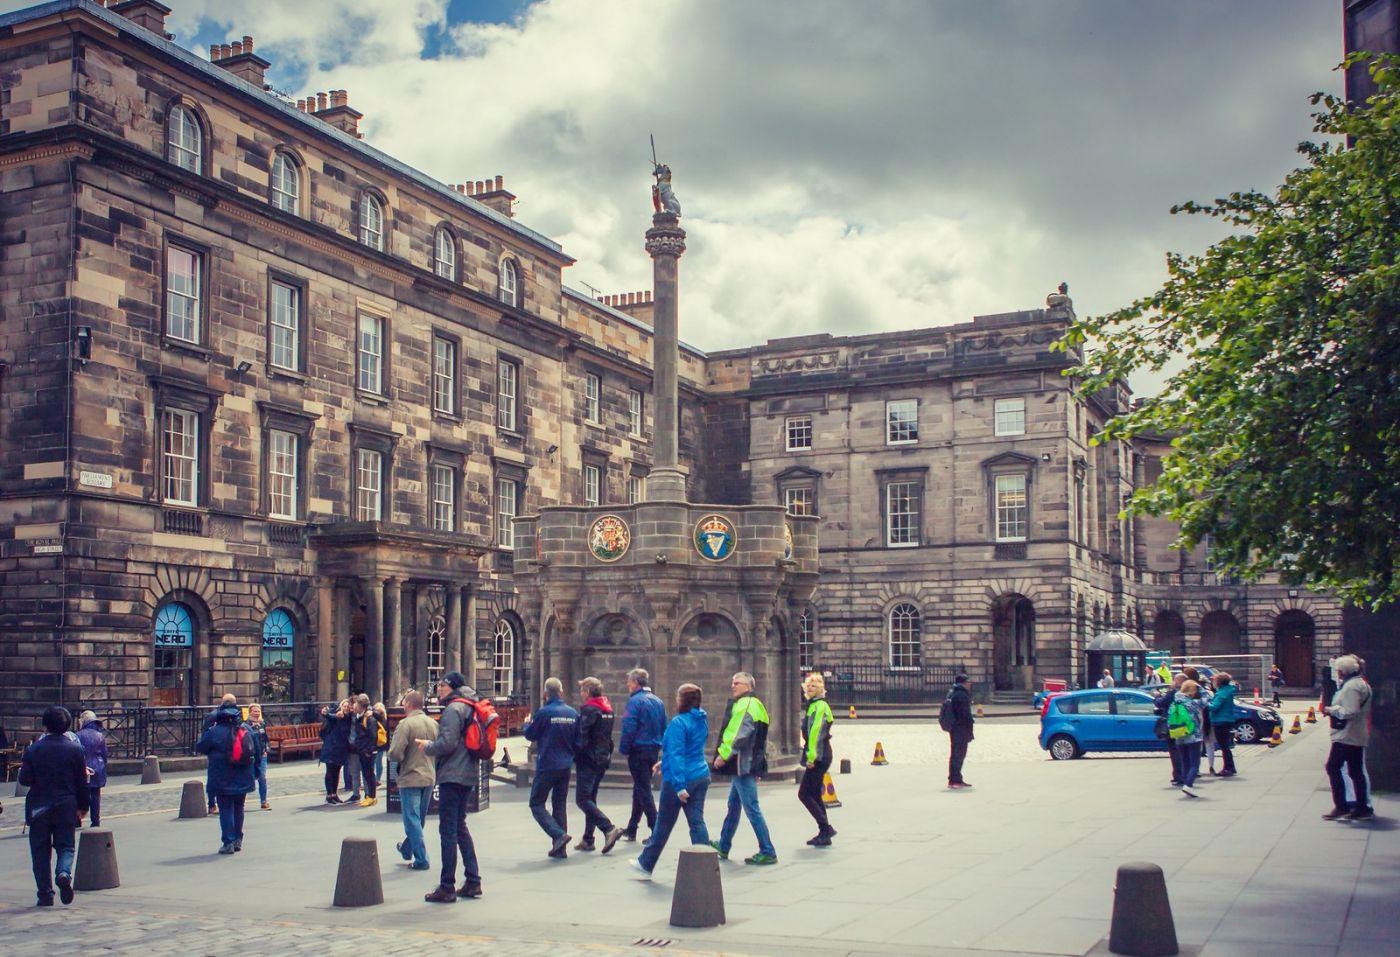 苏格兰爱丁堡,老城市老文化_图1-9